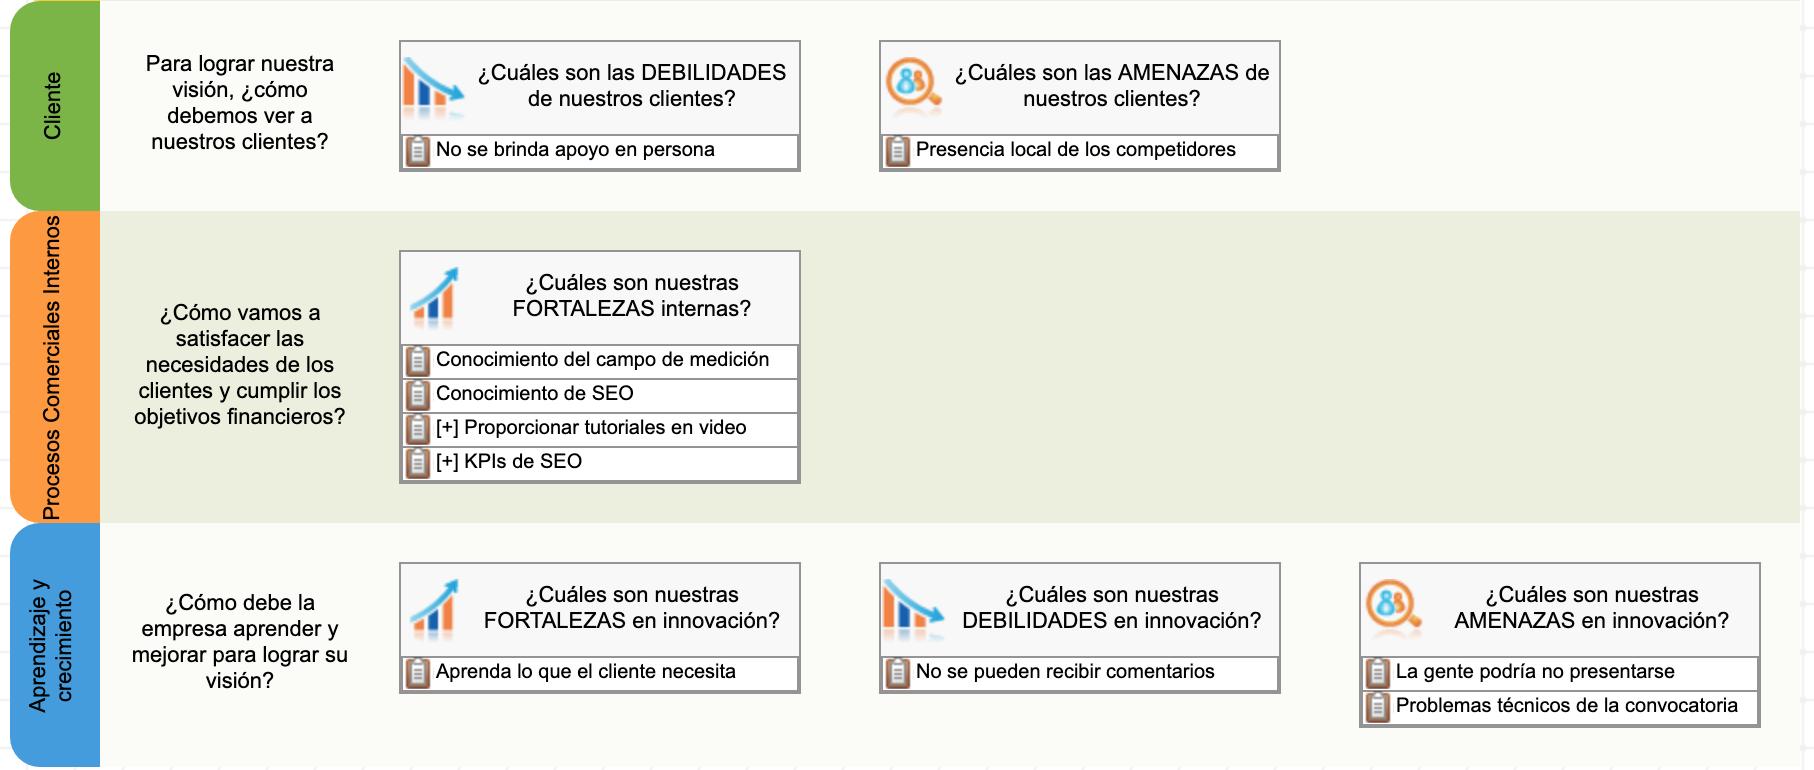 Uso de la plantilla FODA+E para mapear los resultados en la perspectiva de innovación